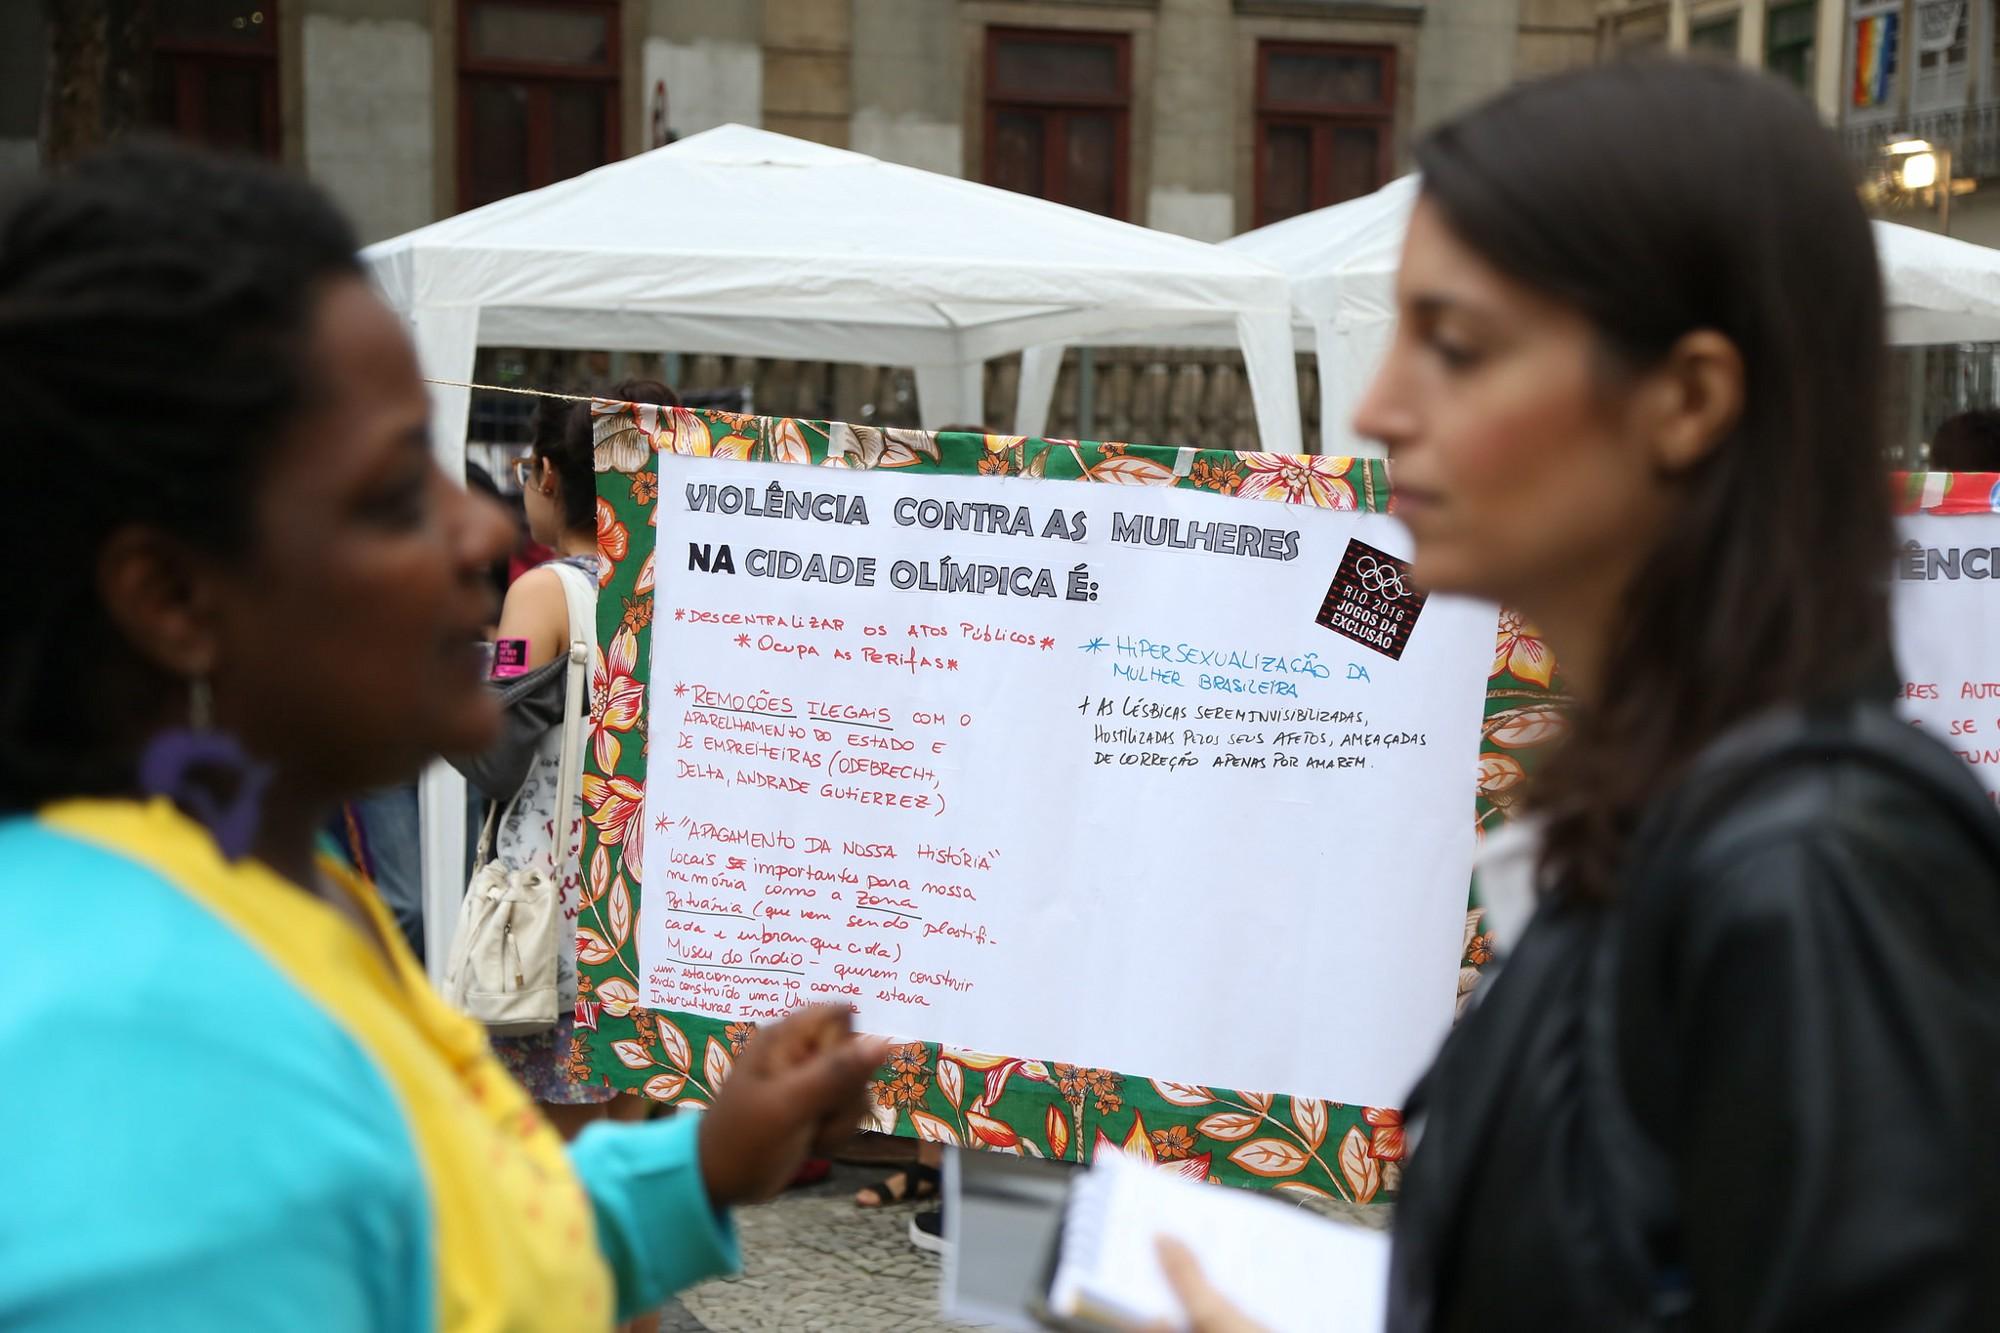 Mulheres resistem às violações na 'cidade olímpica'